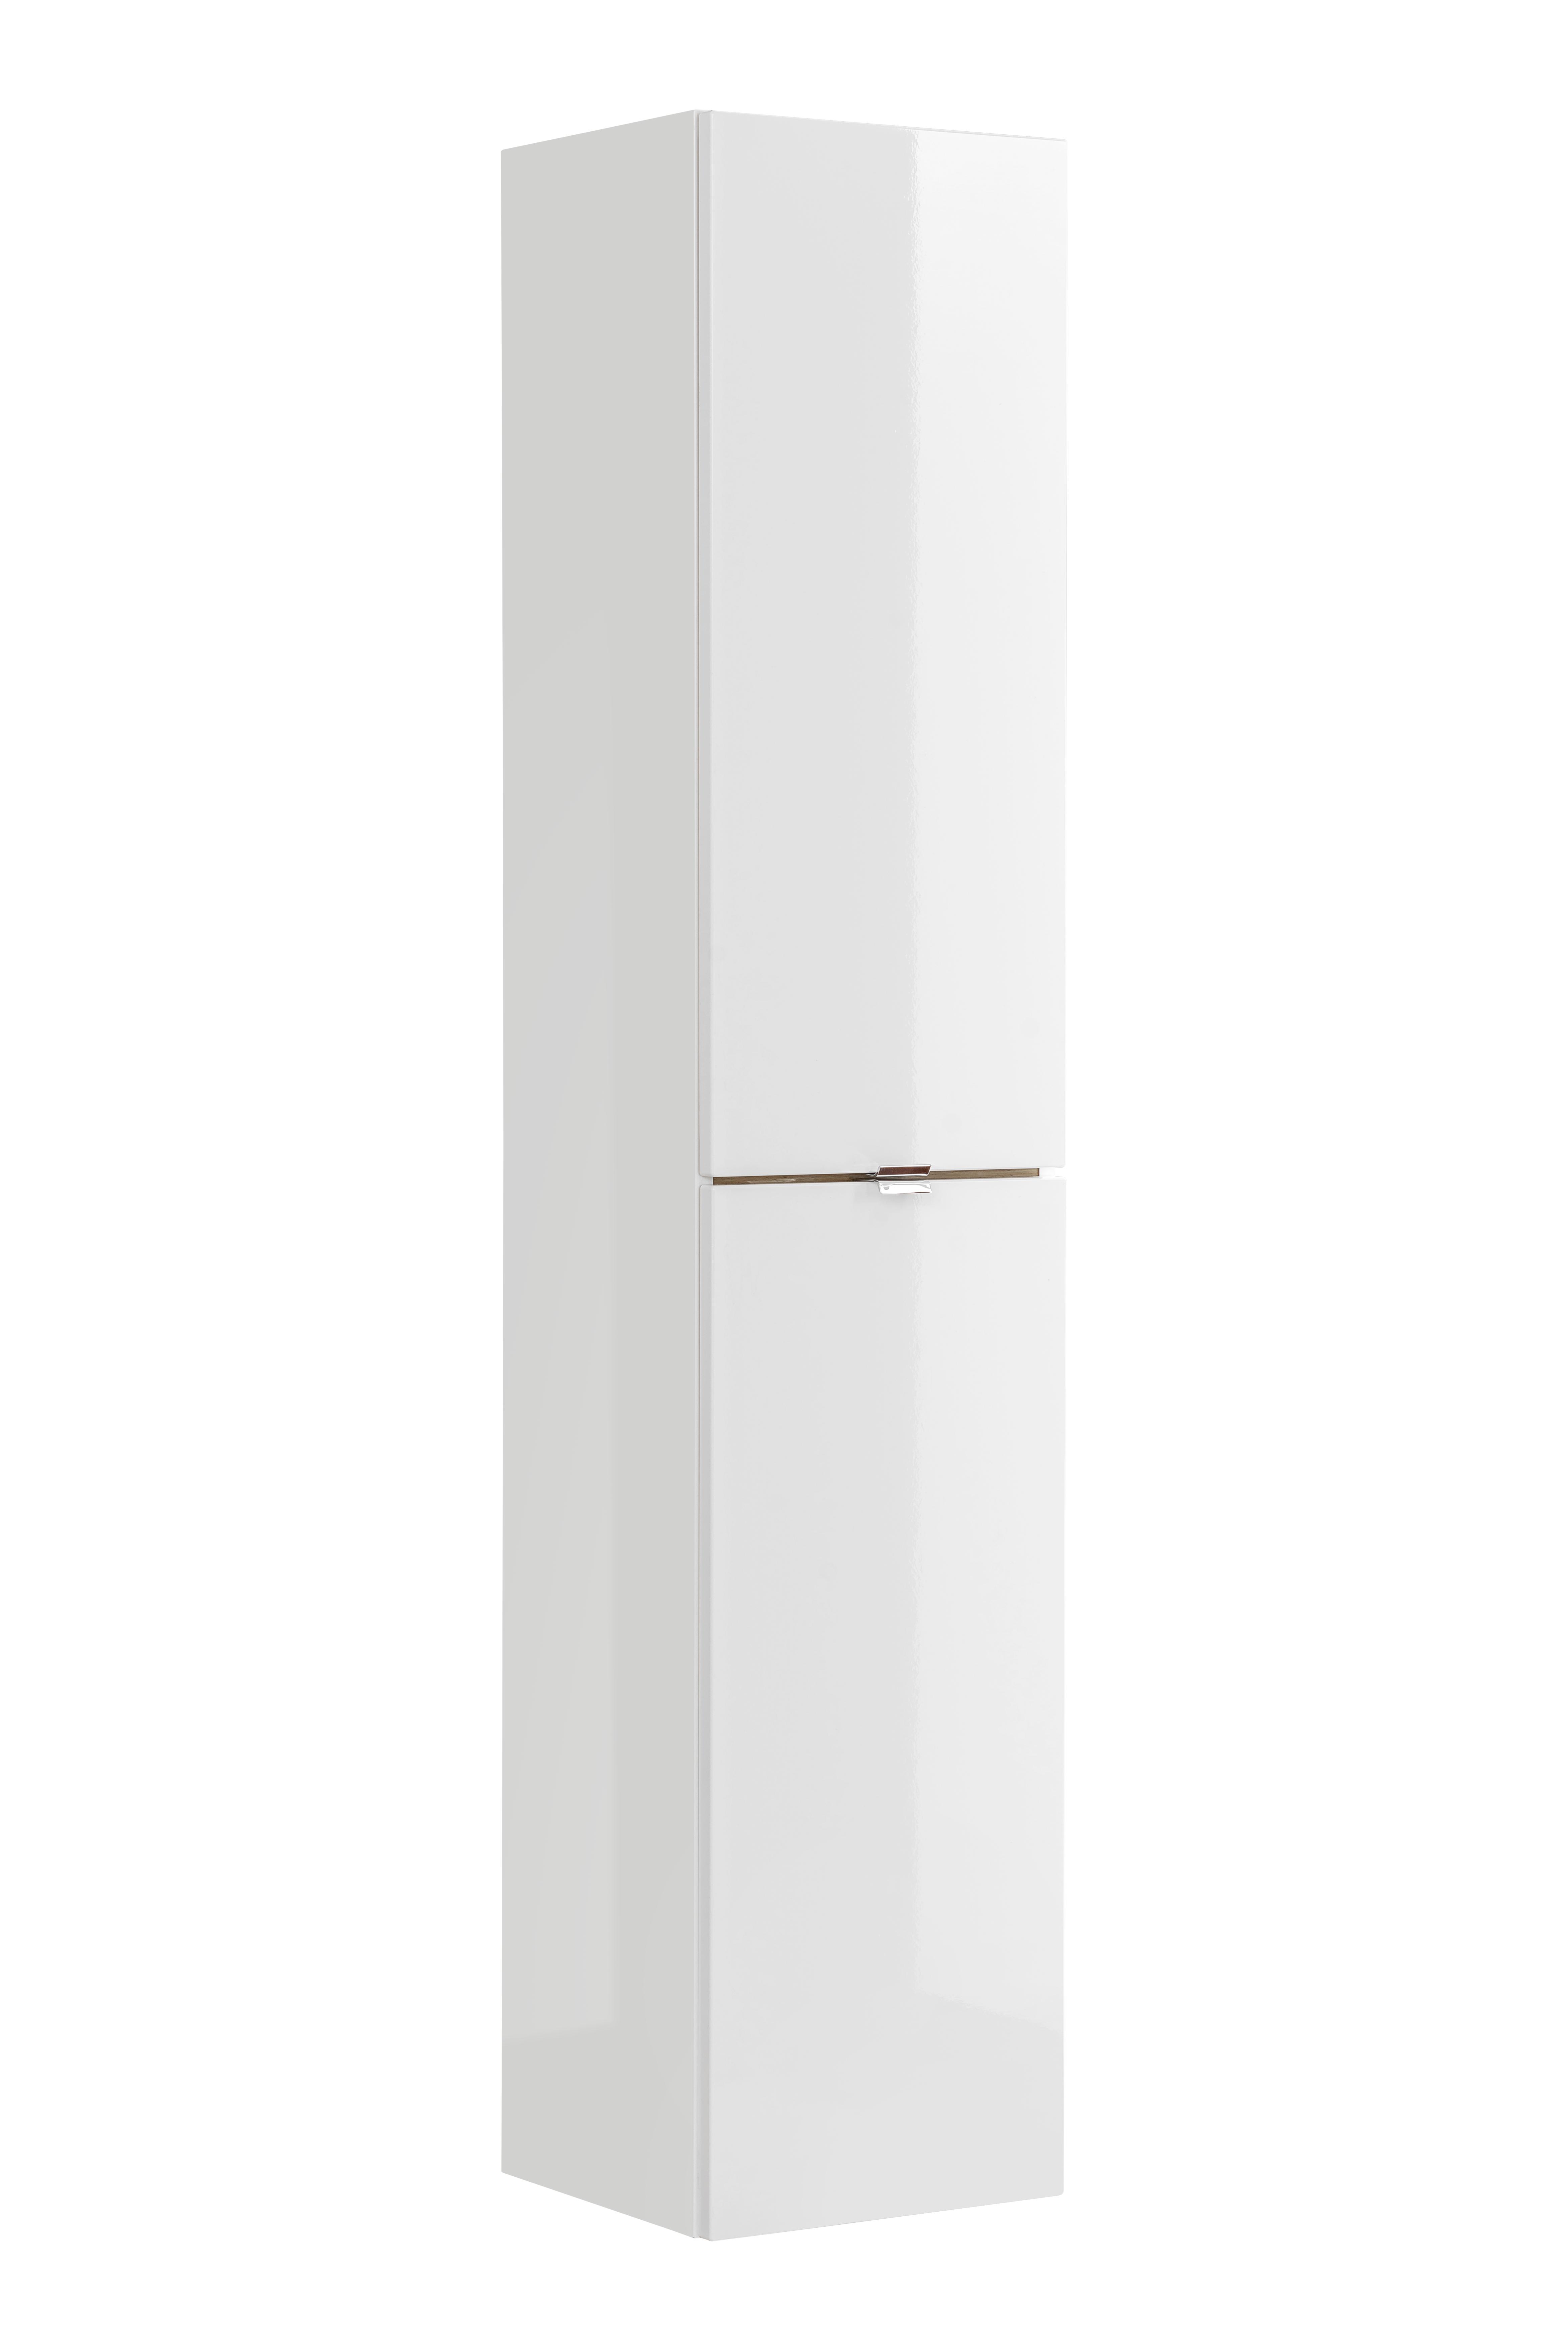 ArtCom Kúpeľňová zostava Capri | biela Capri | biela: Vysoká skrinka 800